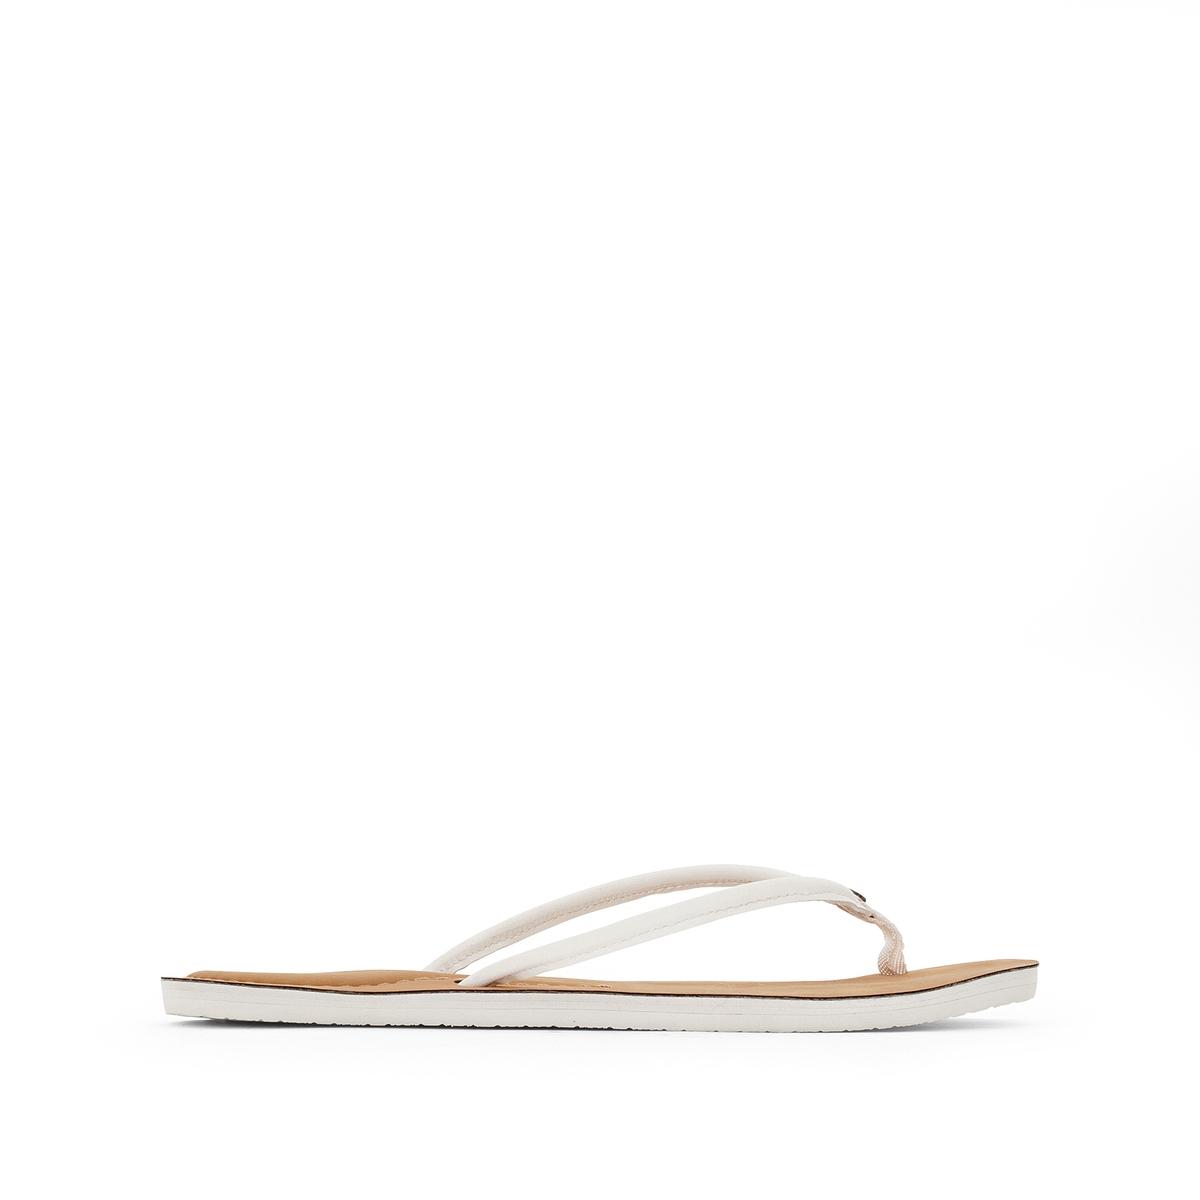 Вьетнамки LunaВерх/Голенище : синтетика   Стелька : синтетика   Подошва : каучук   Форма каблука : плоский каблук   Мысок : открытый мысок   Застежка : без застежки<br><br>Цвет: белый<br>Размер: 37